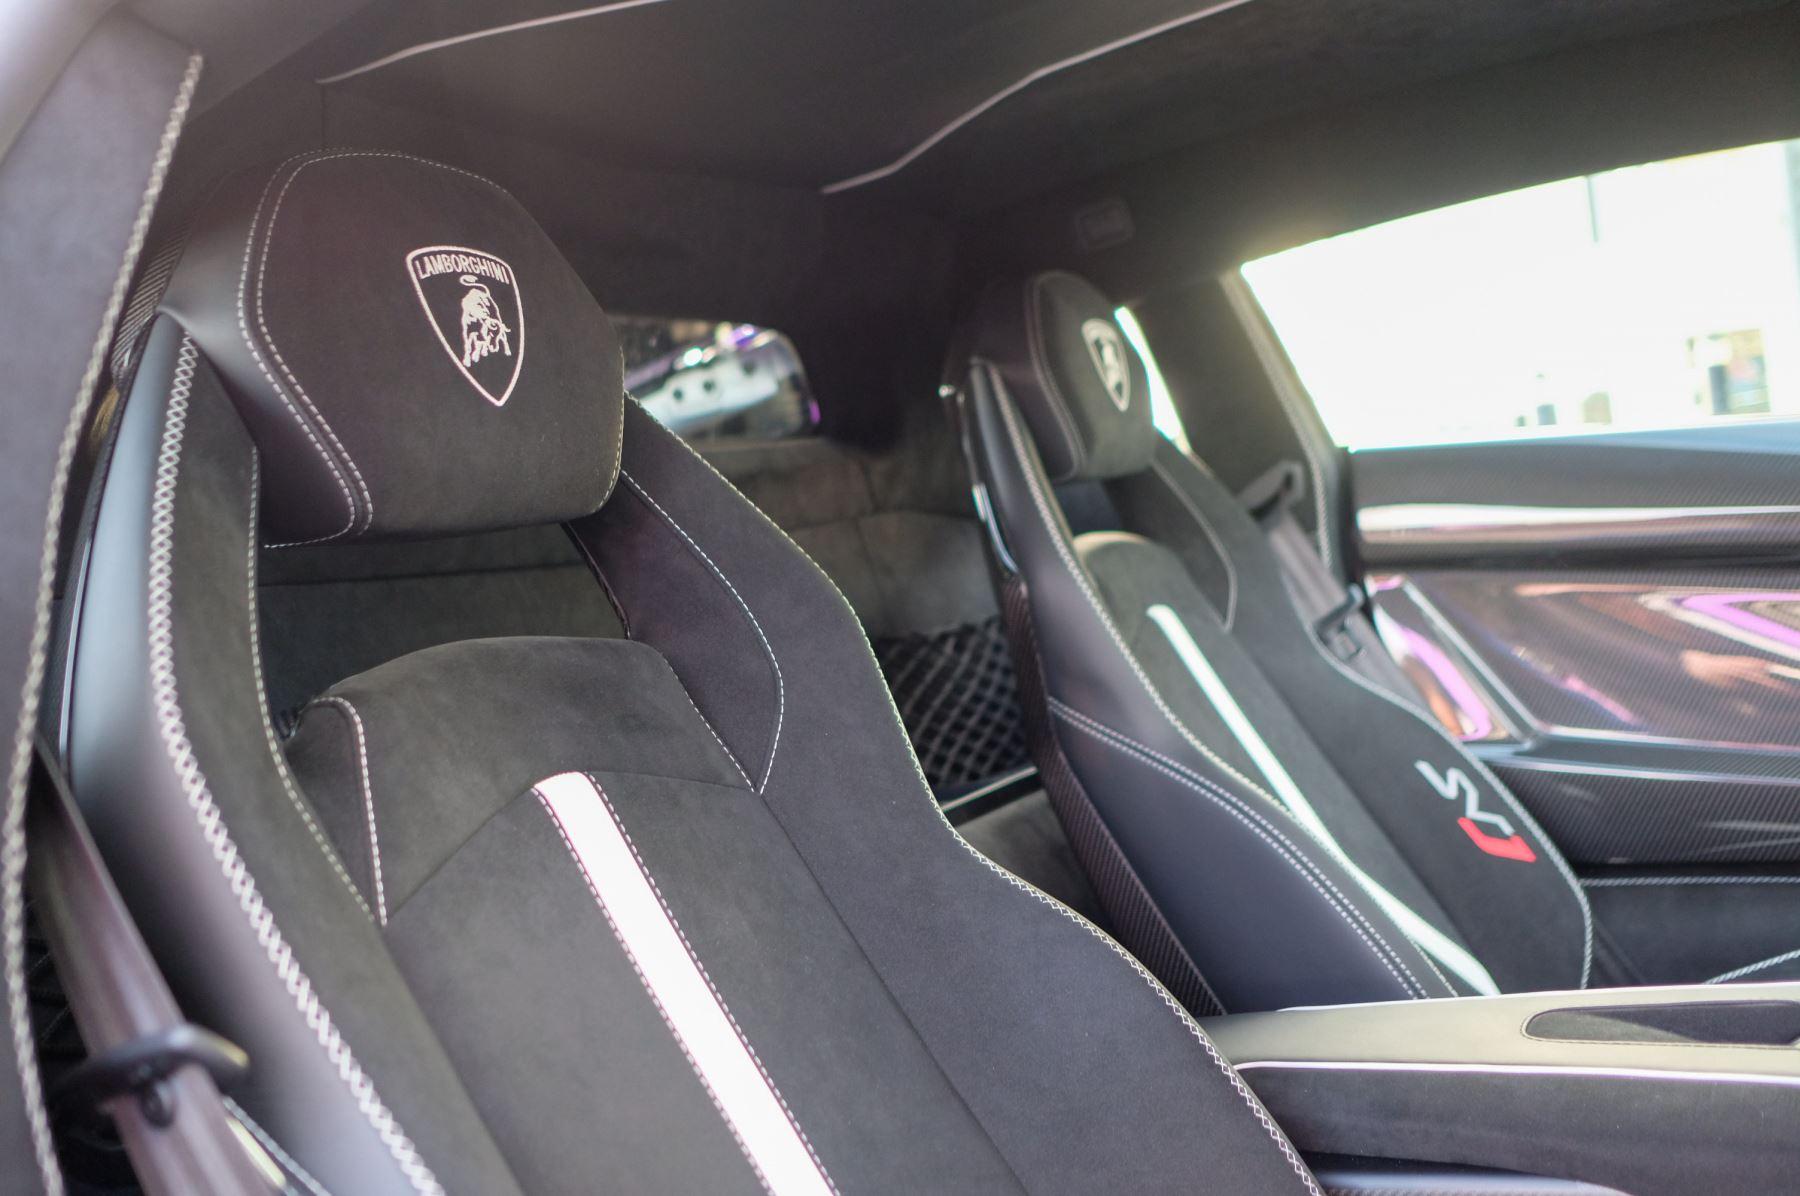 Lamborghini Aventador SVJ Coupe LP 770-4 ISR image 16